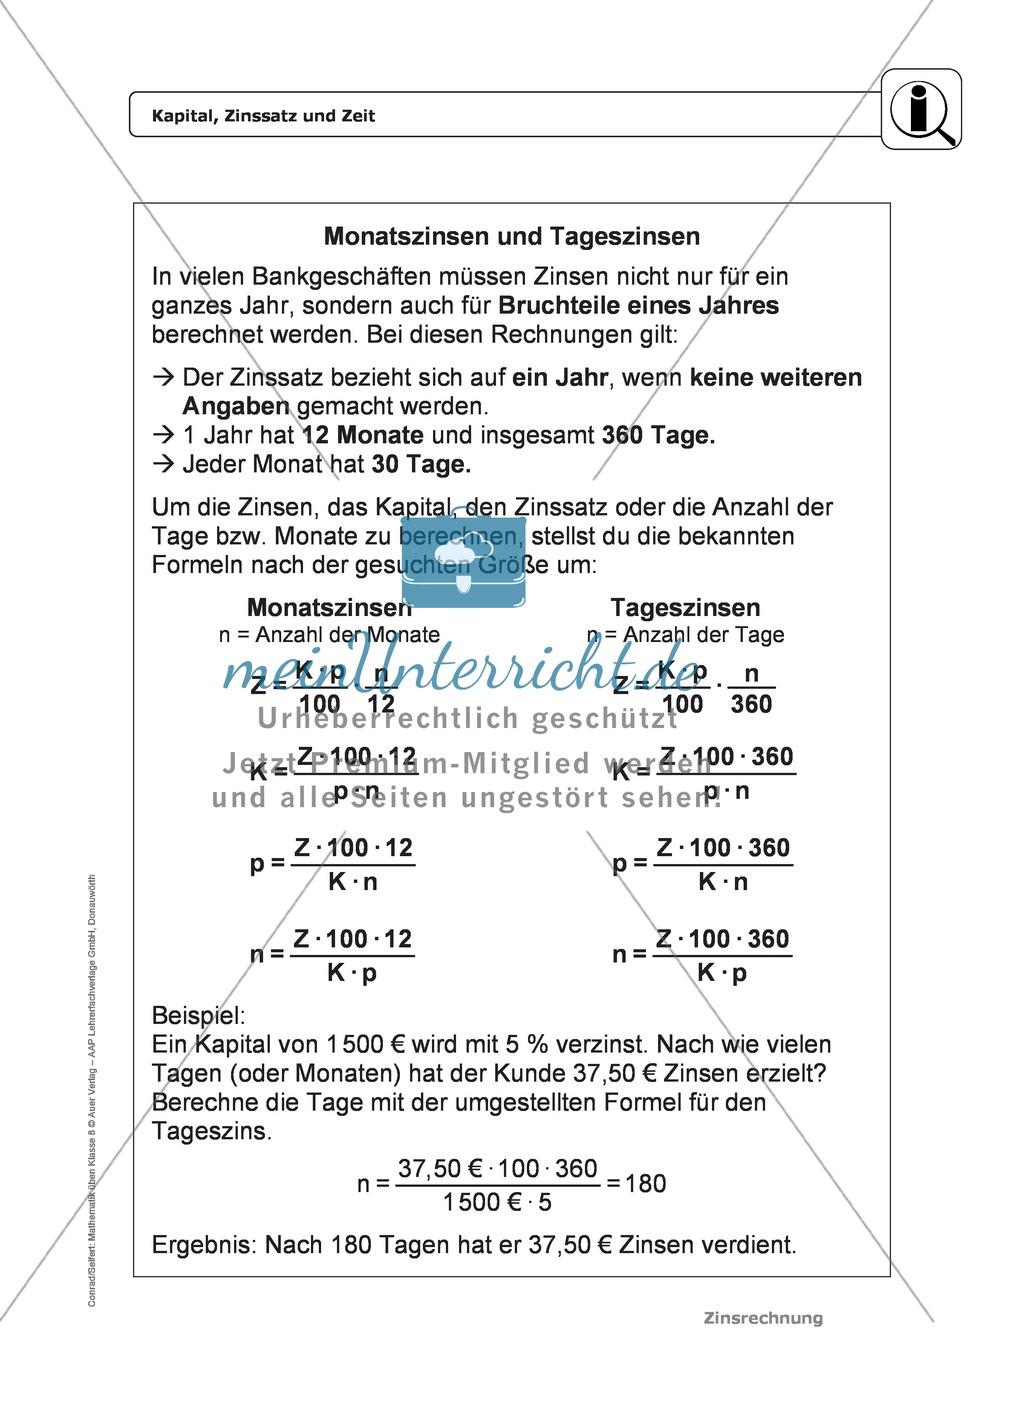 Zinsrechnung: Monatszinsen und Tageszinsen - Infotext + Beispiele + ...